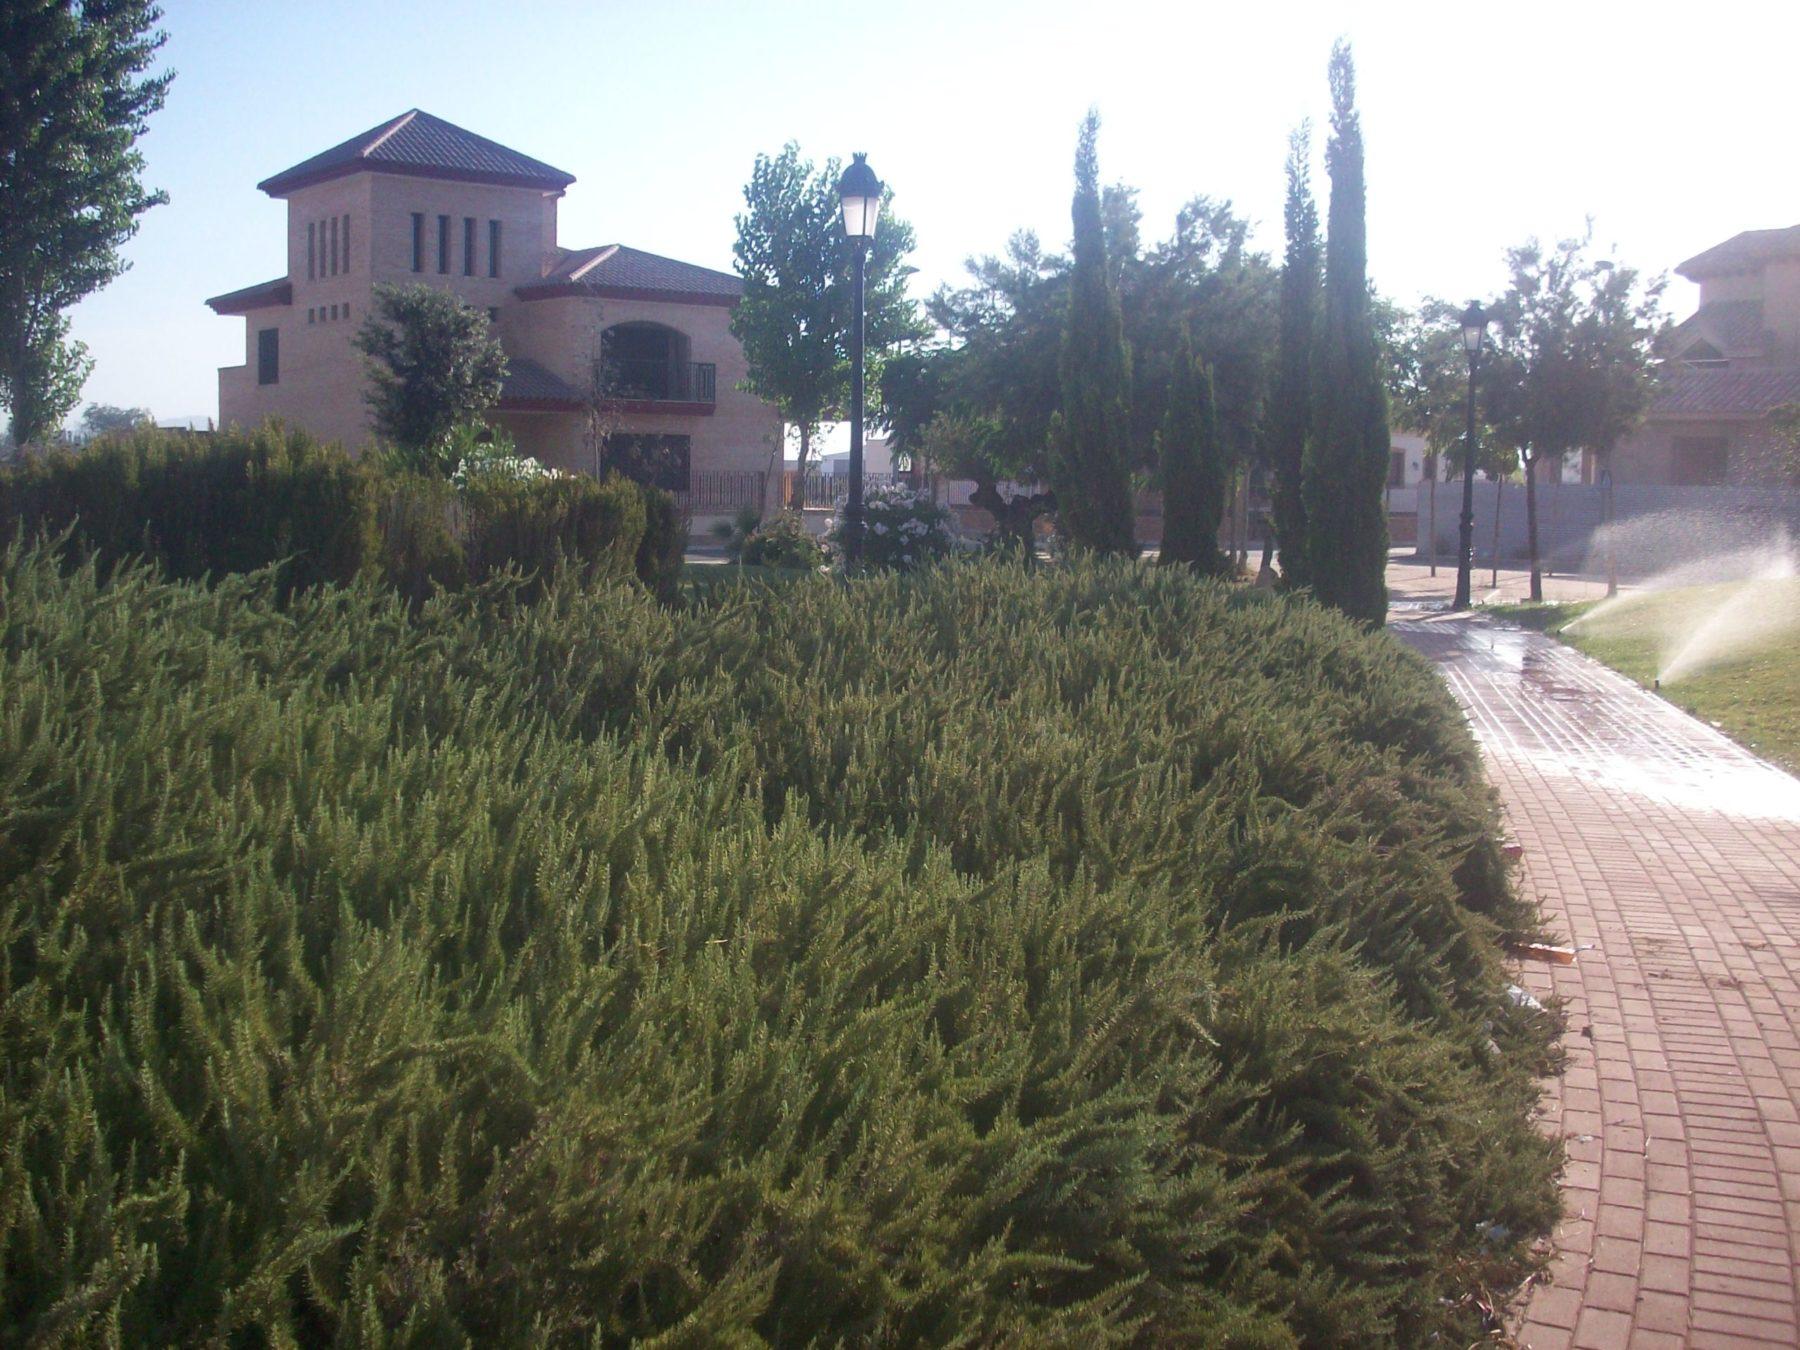 Parque público en Benimaclet, Valencia